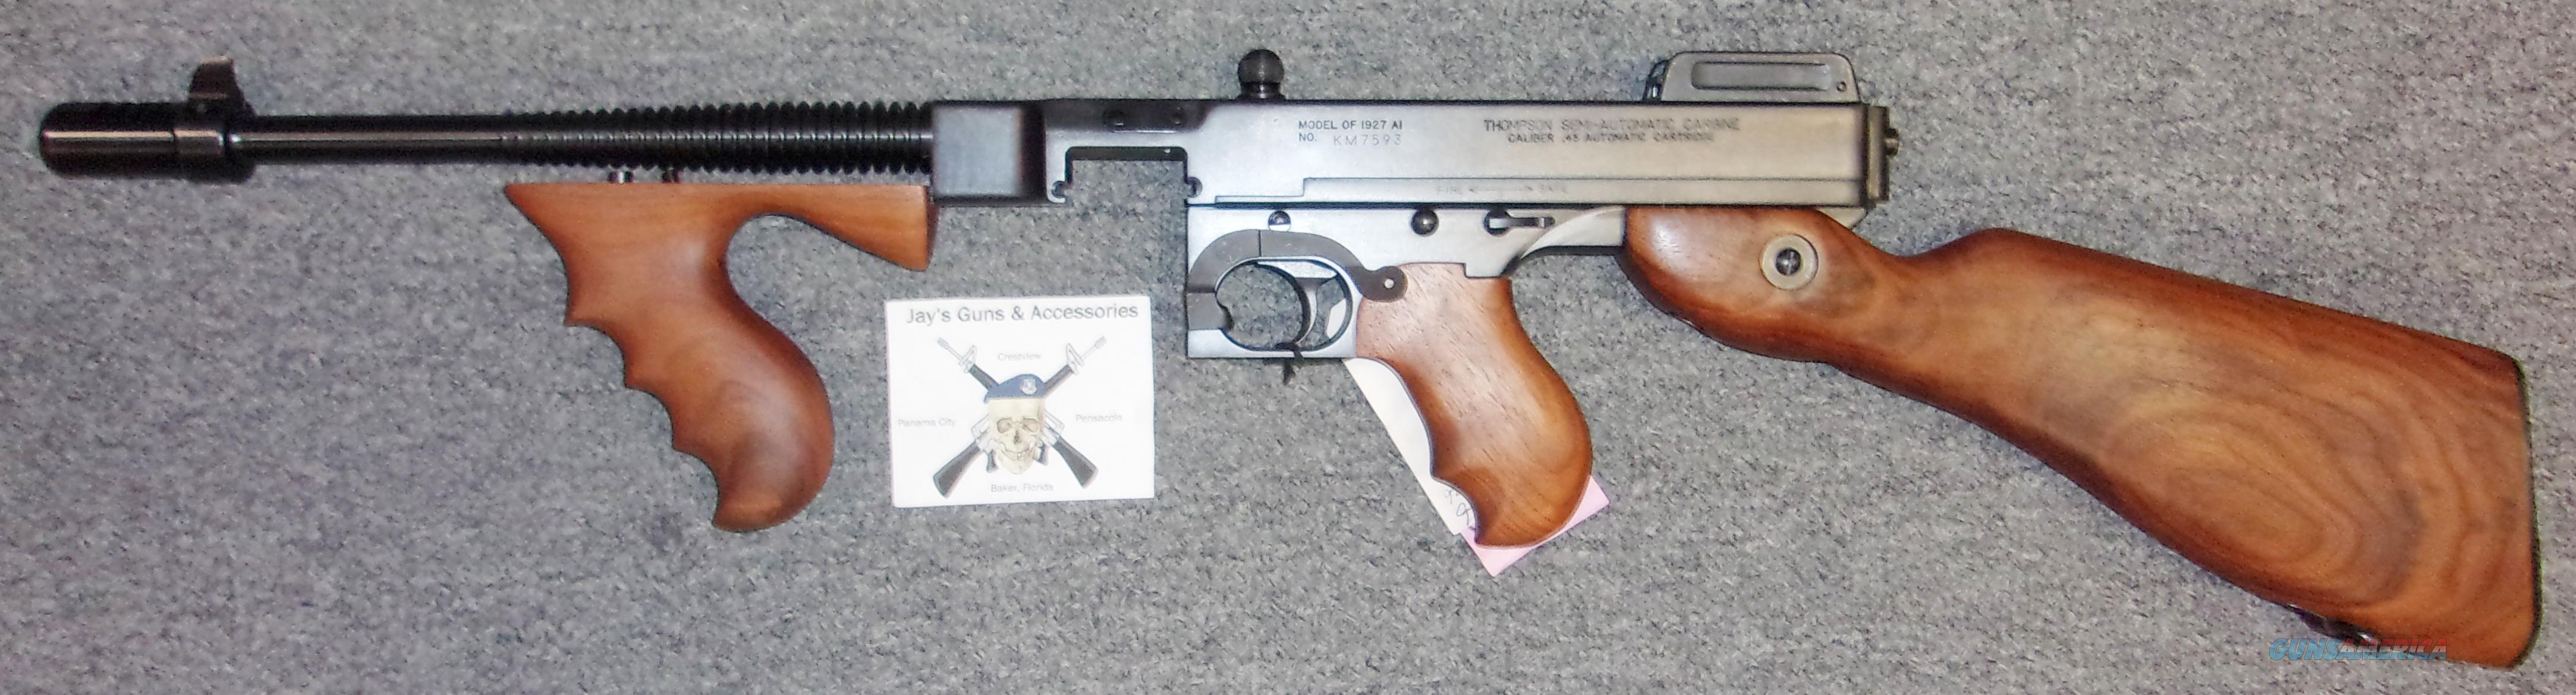 Kahr Arms/Auto Ordnance T1SB SBR  Guns > Rifles > Class 3 Rifles > Class 3 Subguns